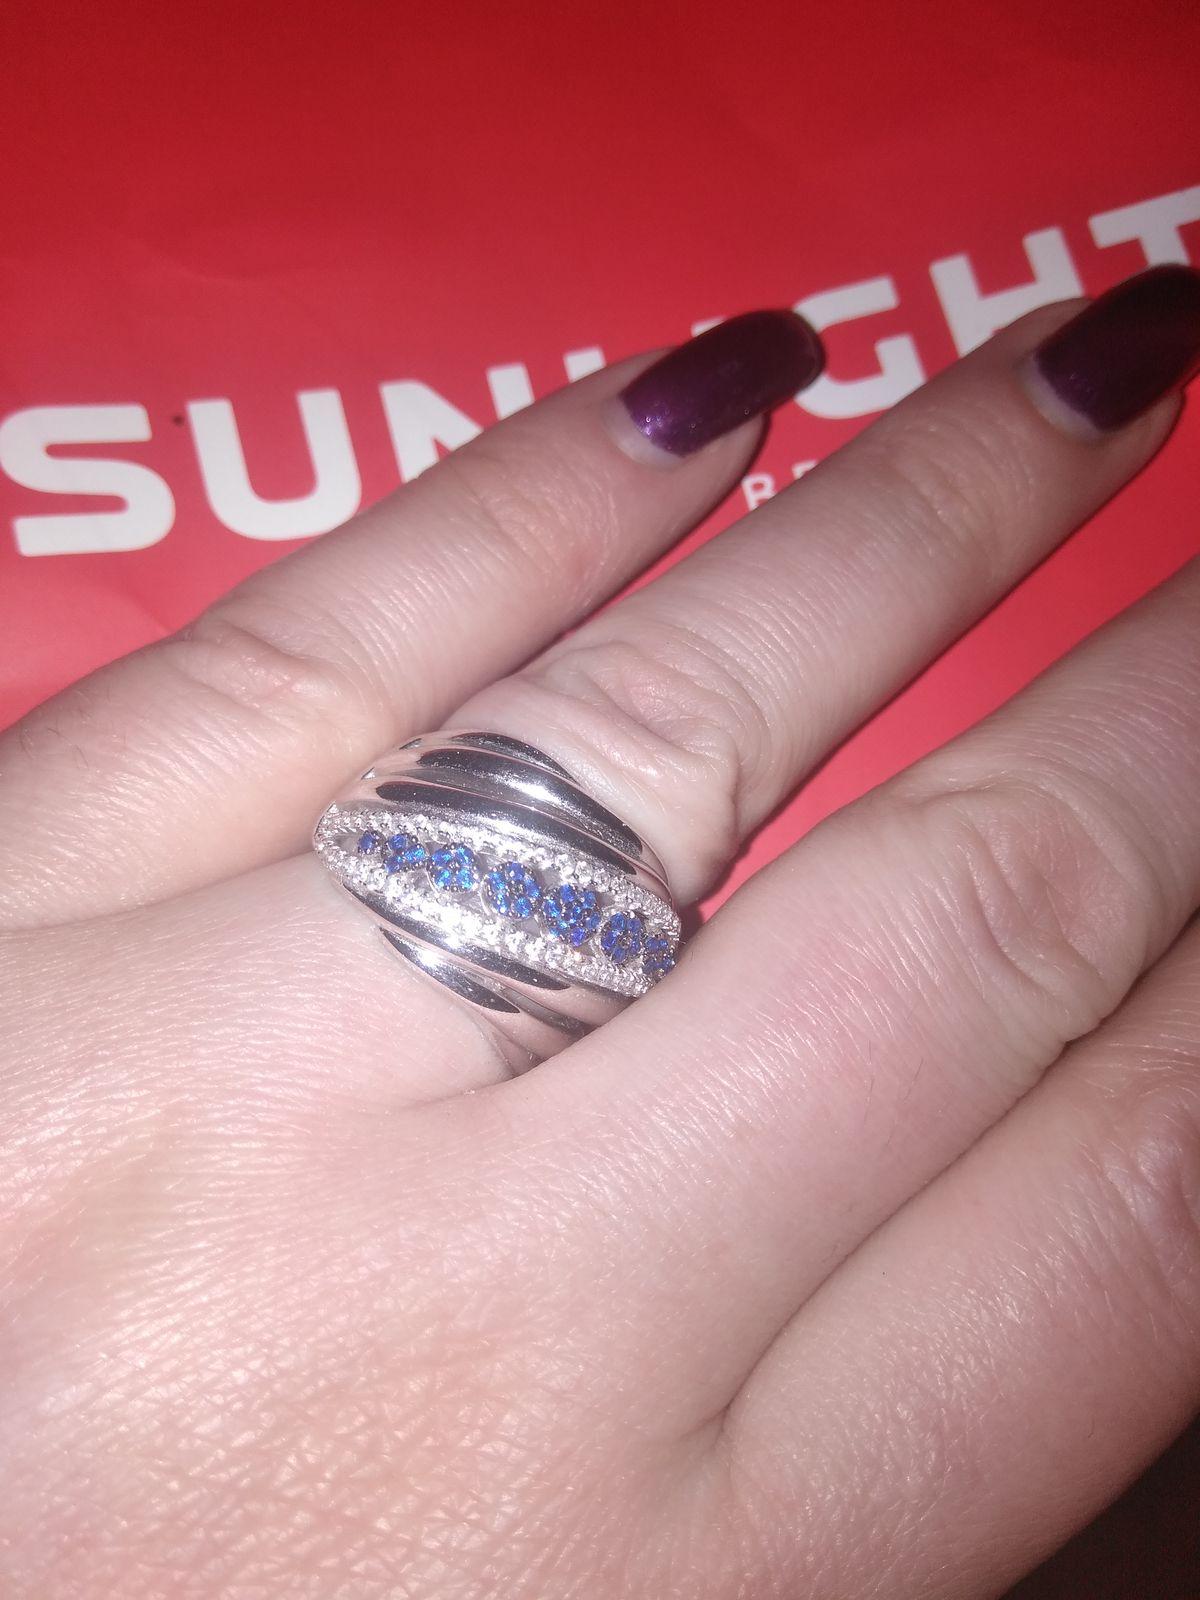 Очень красивое кольцо , на руке смотрится впечатлительно и эффектно !!!!!!!